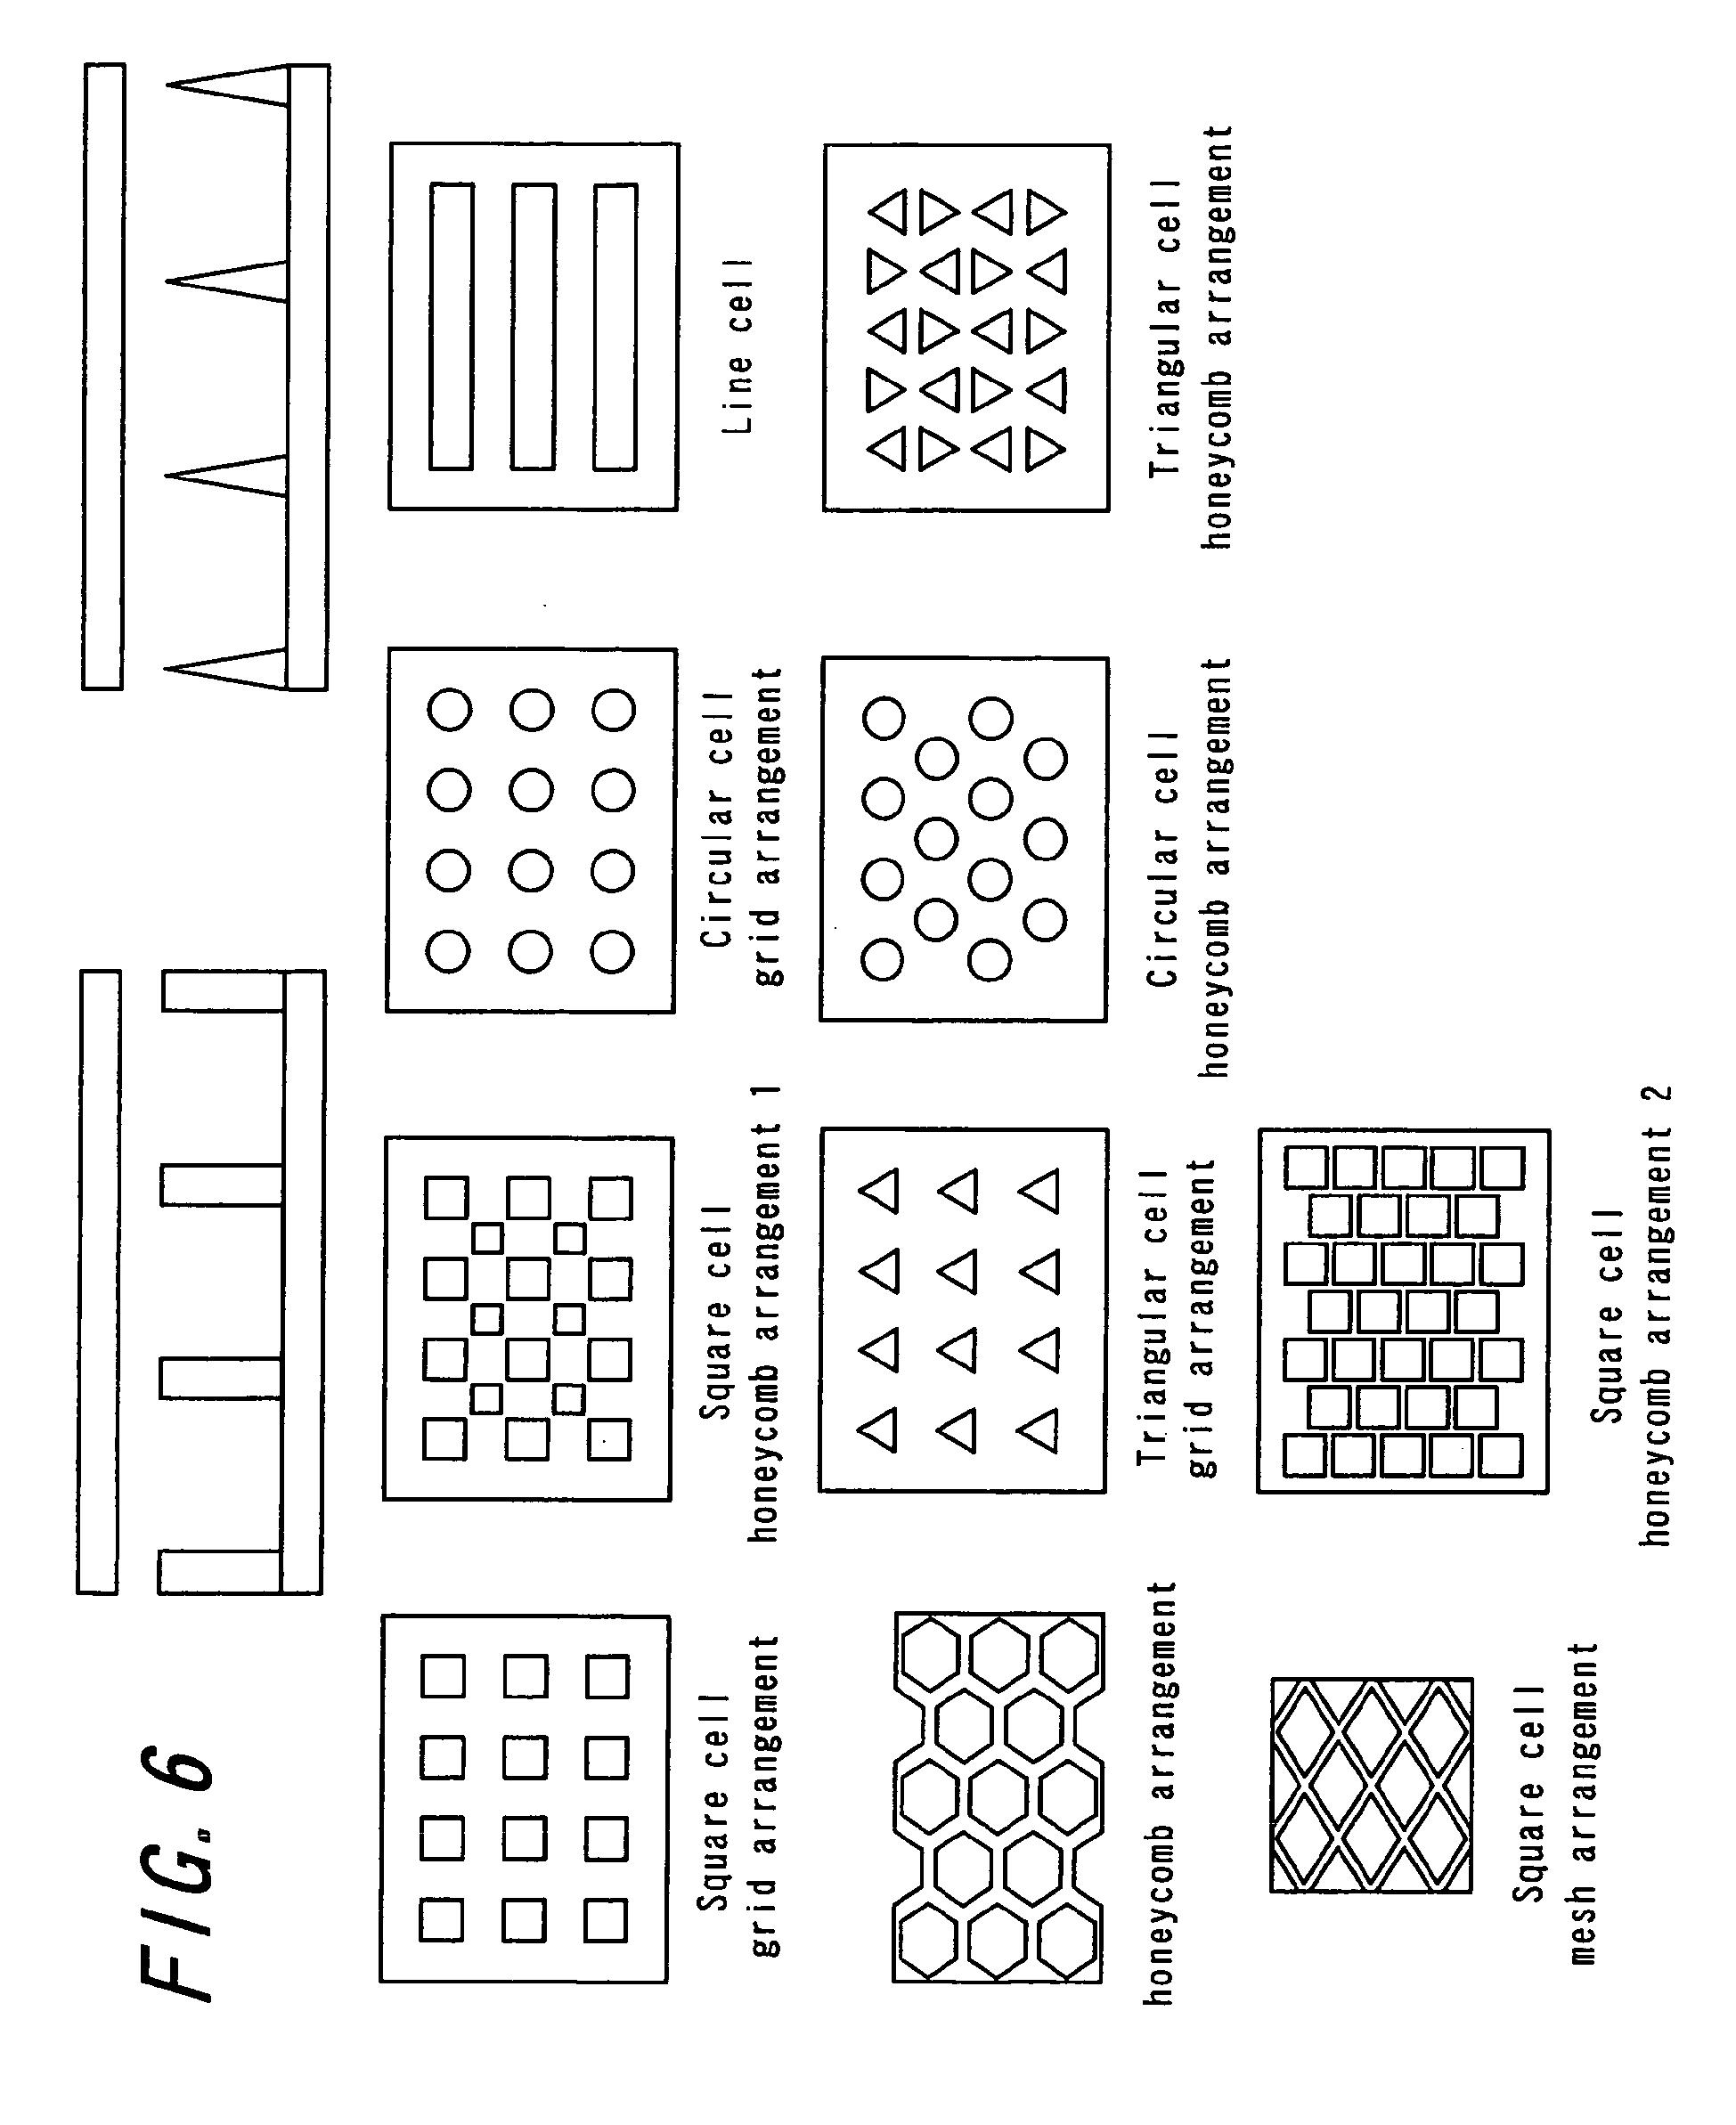 专利ep1626307a1 - image